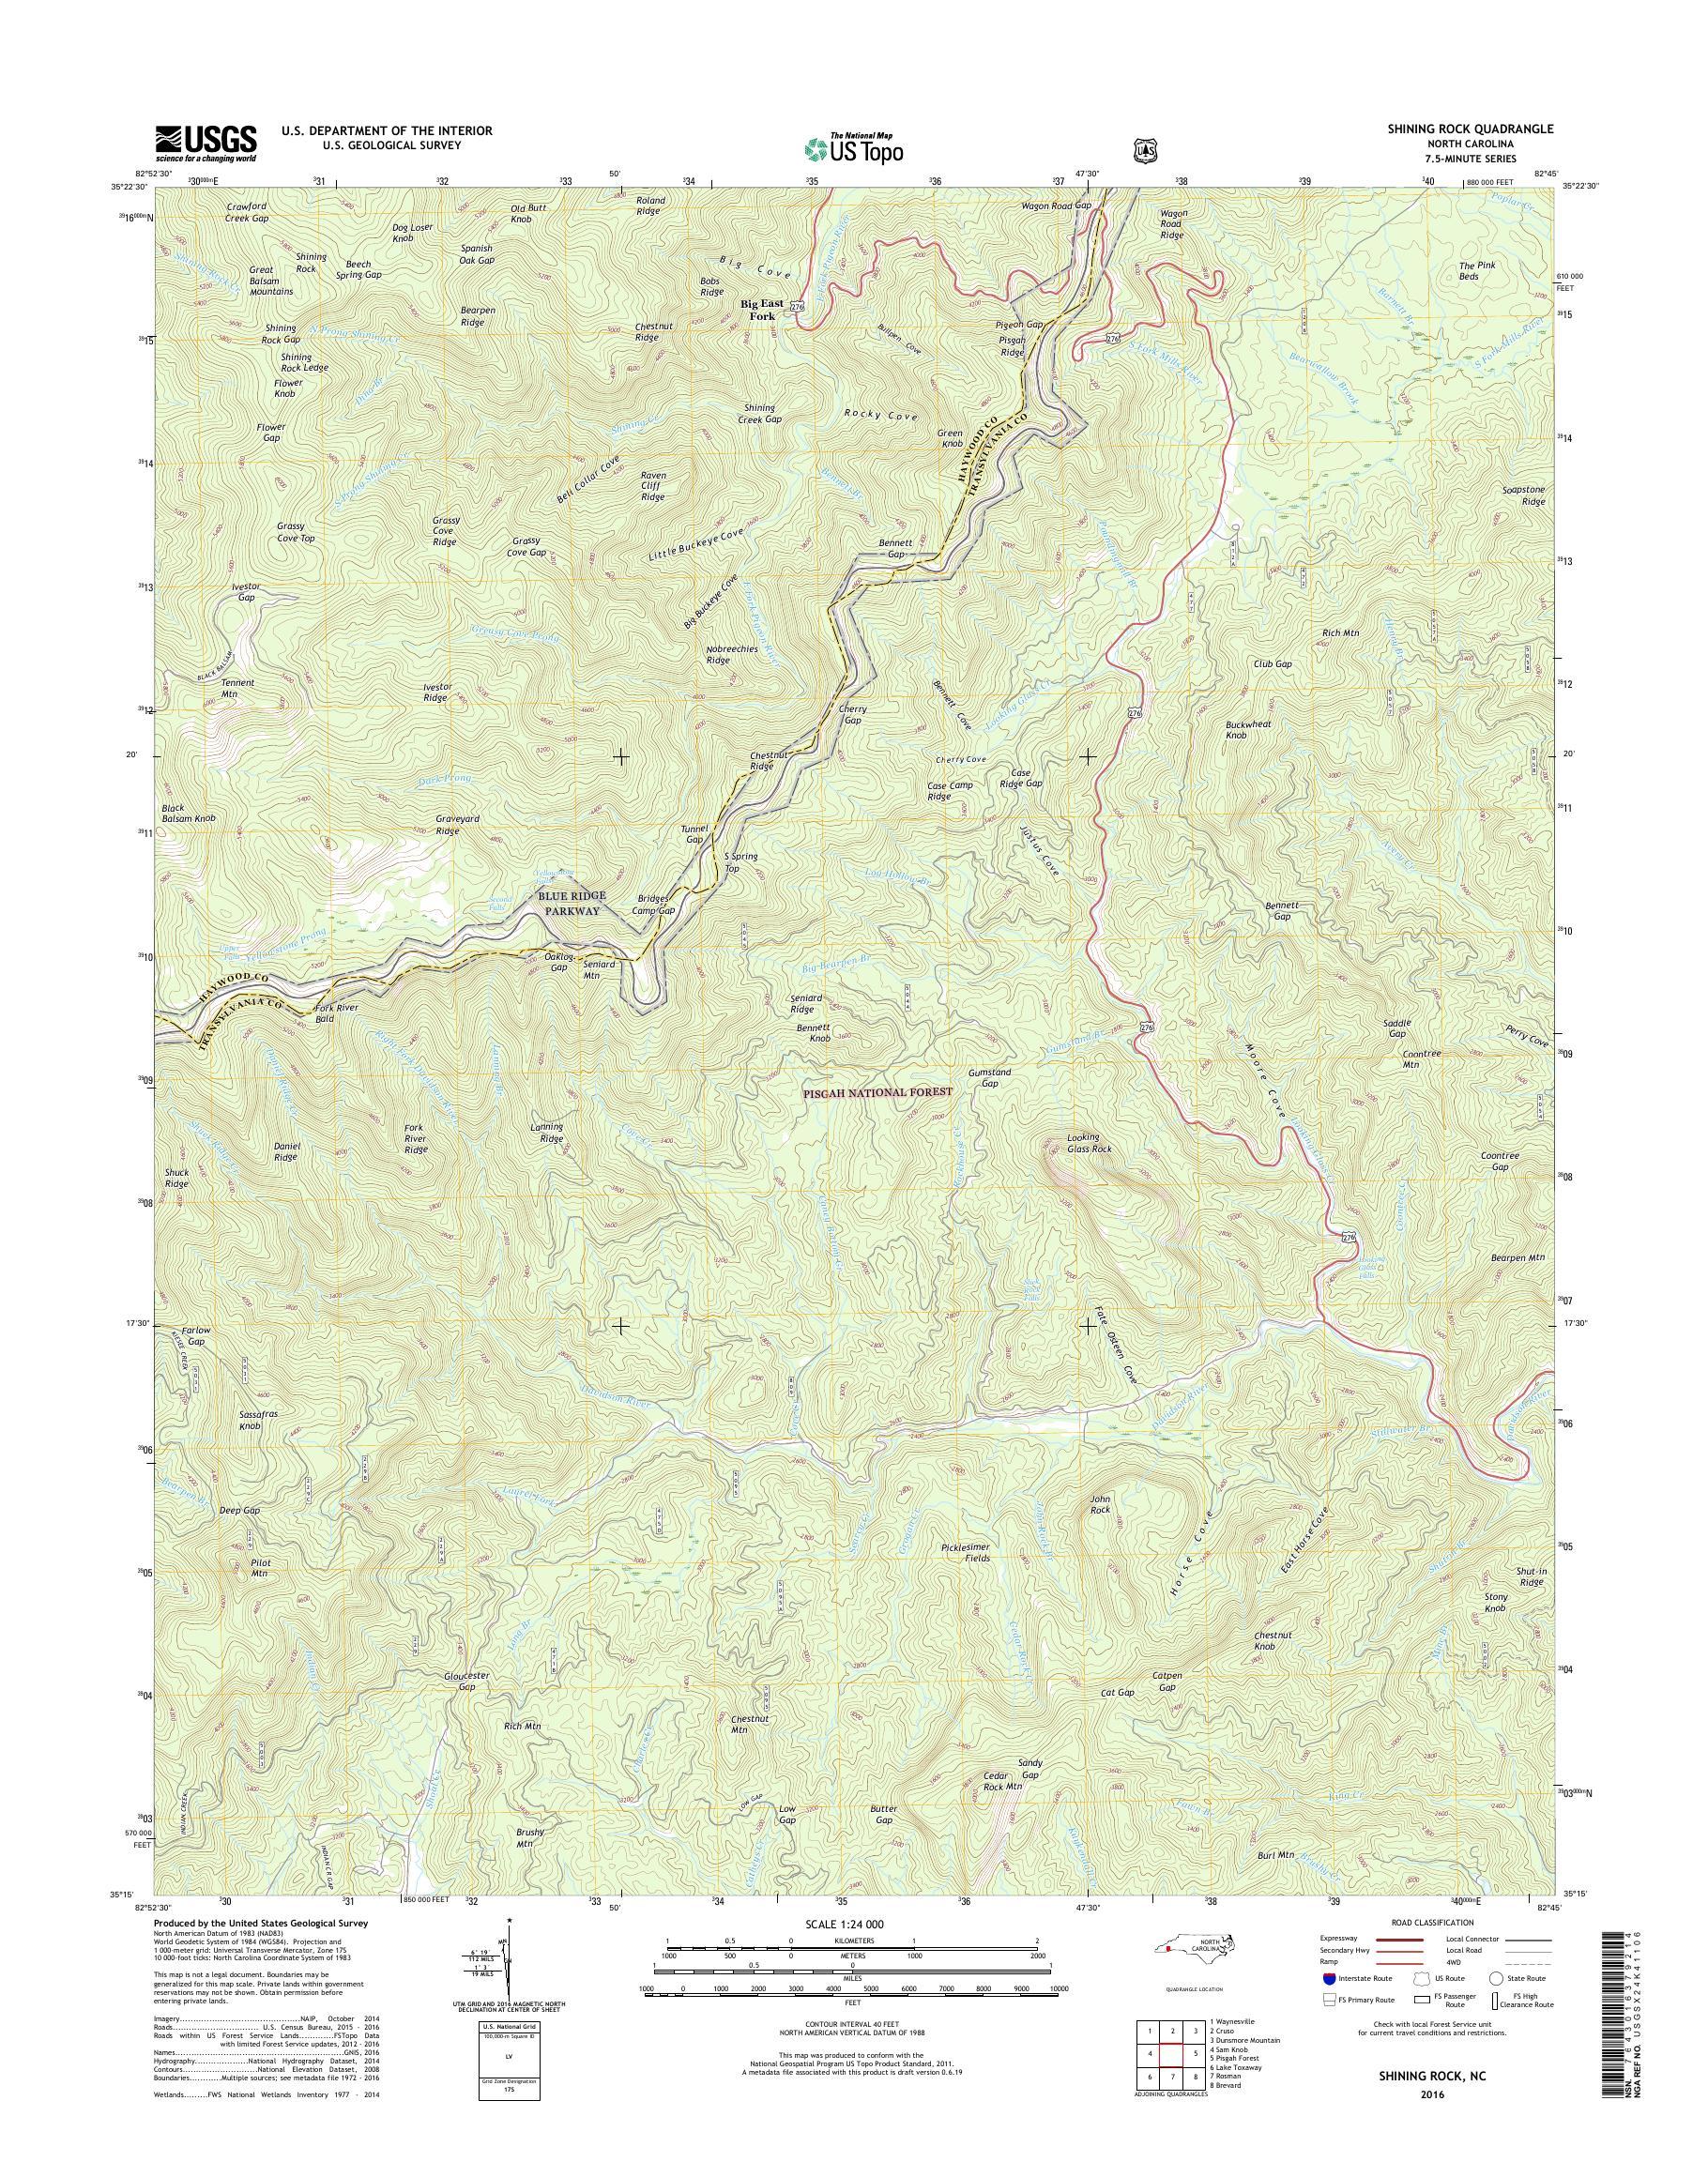 MyTopo Shining Rock, North Carolina USGS Quad Topo Map